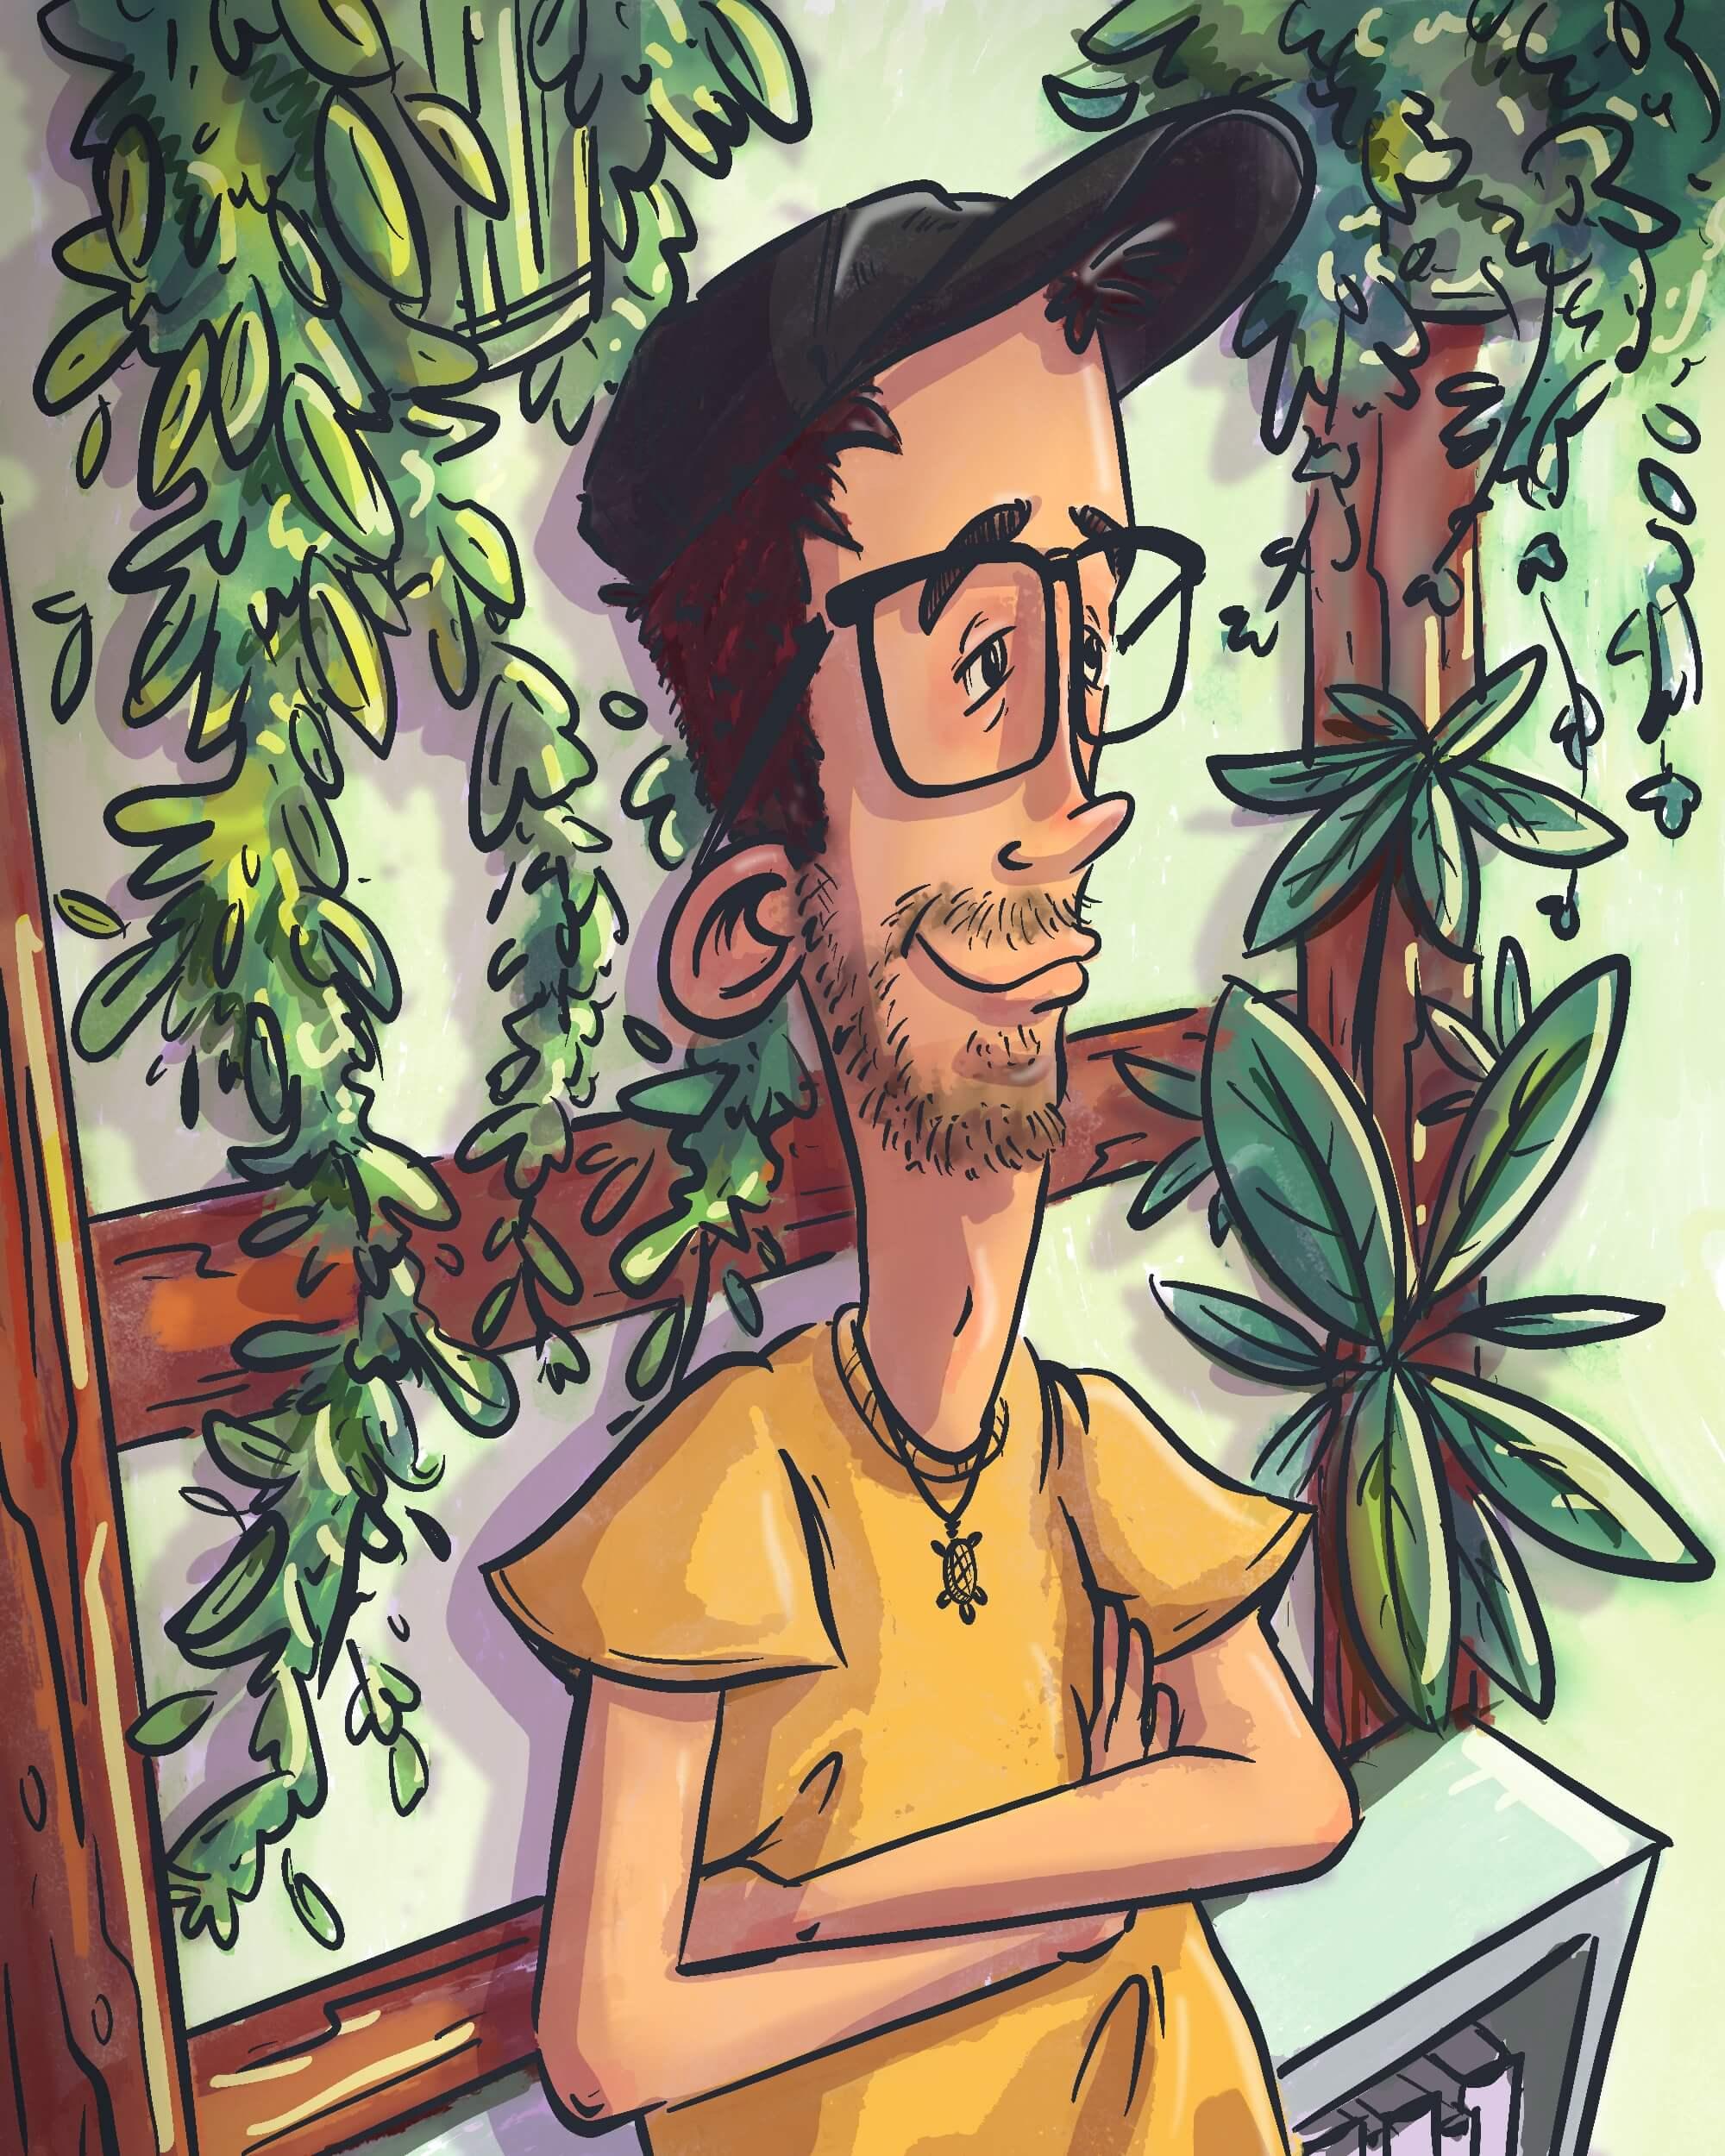 A detailed portrait drawn by Julian Reichel of himself.